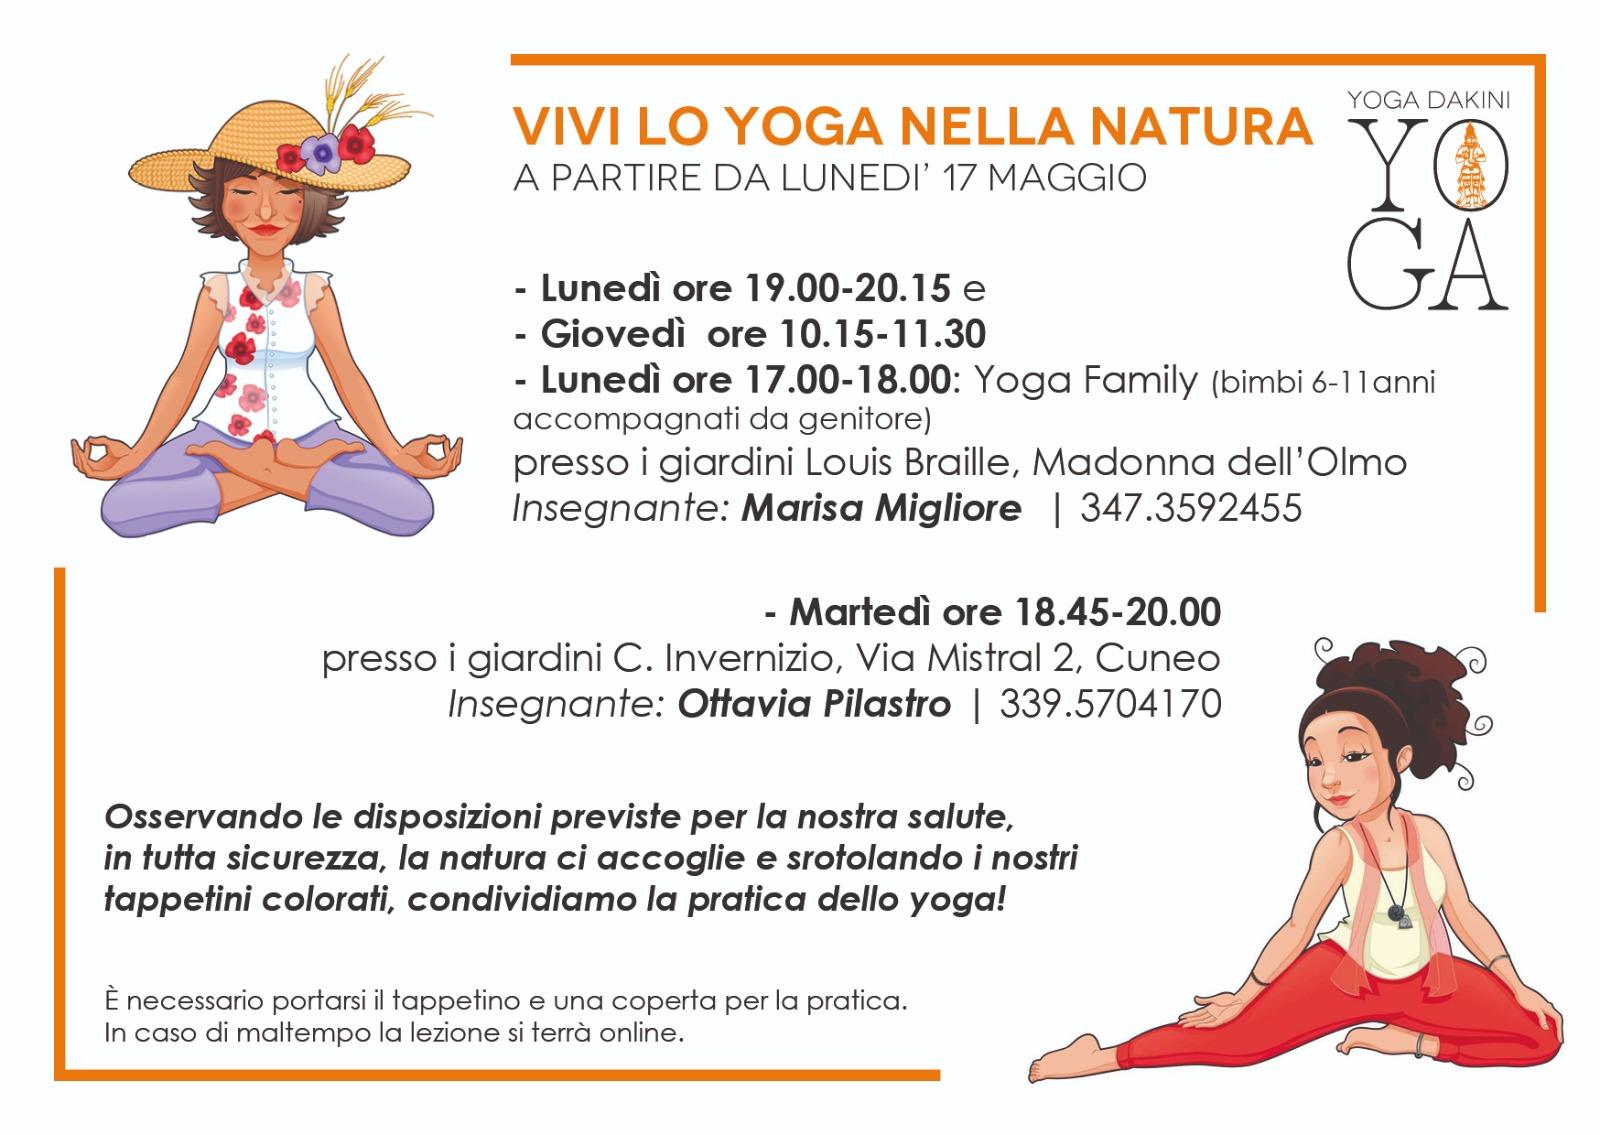 Vivi lo Yoga nella Natura